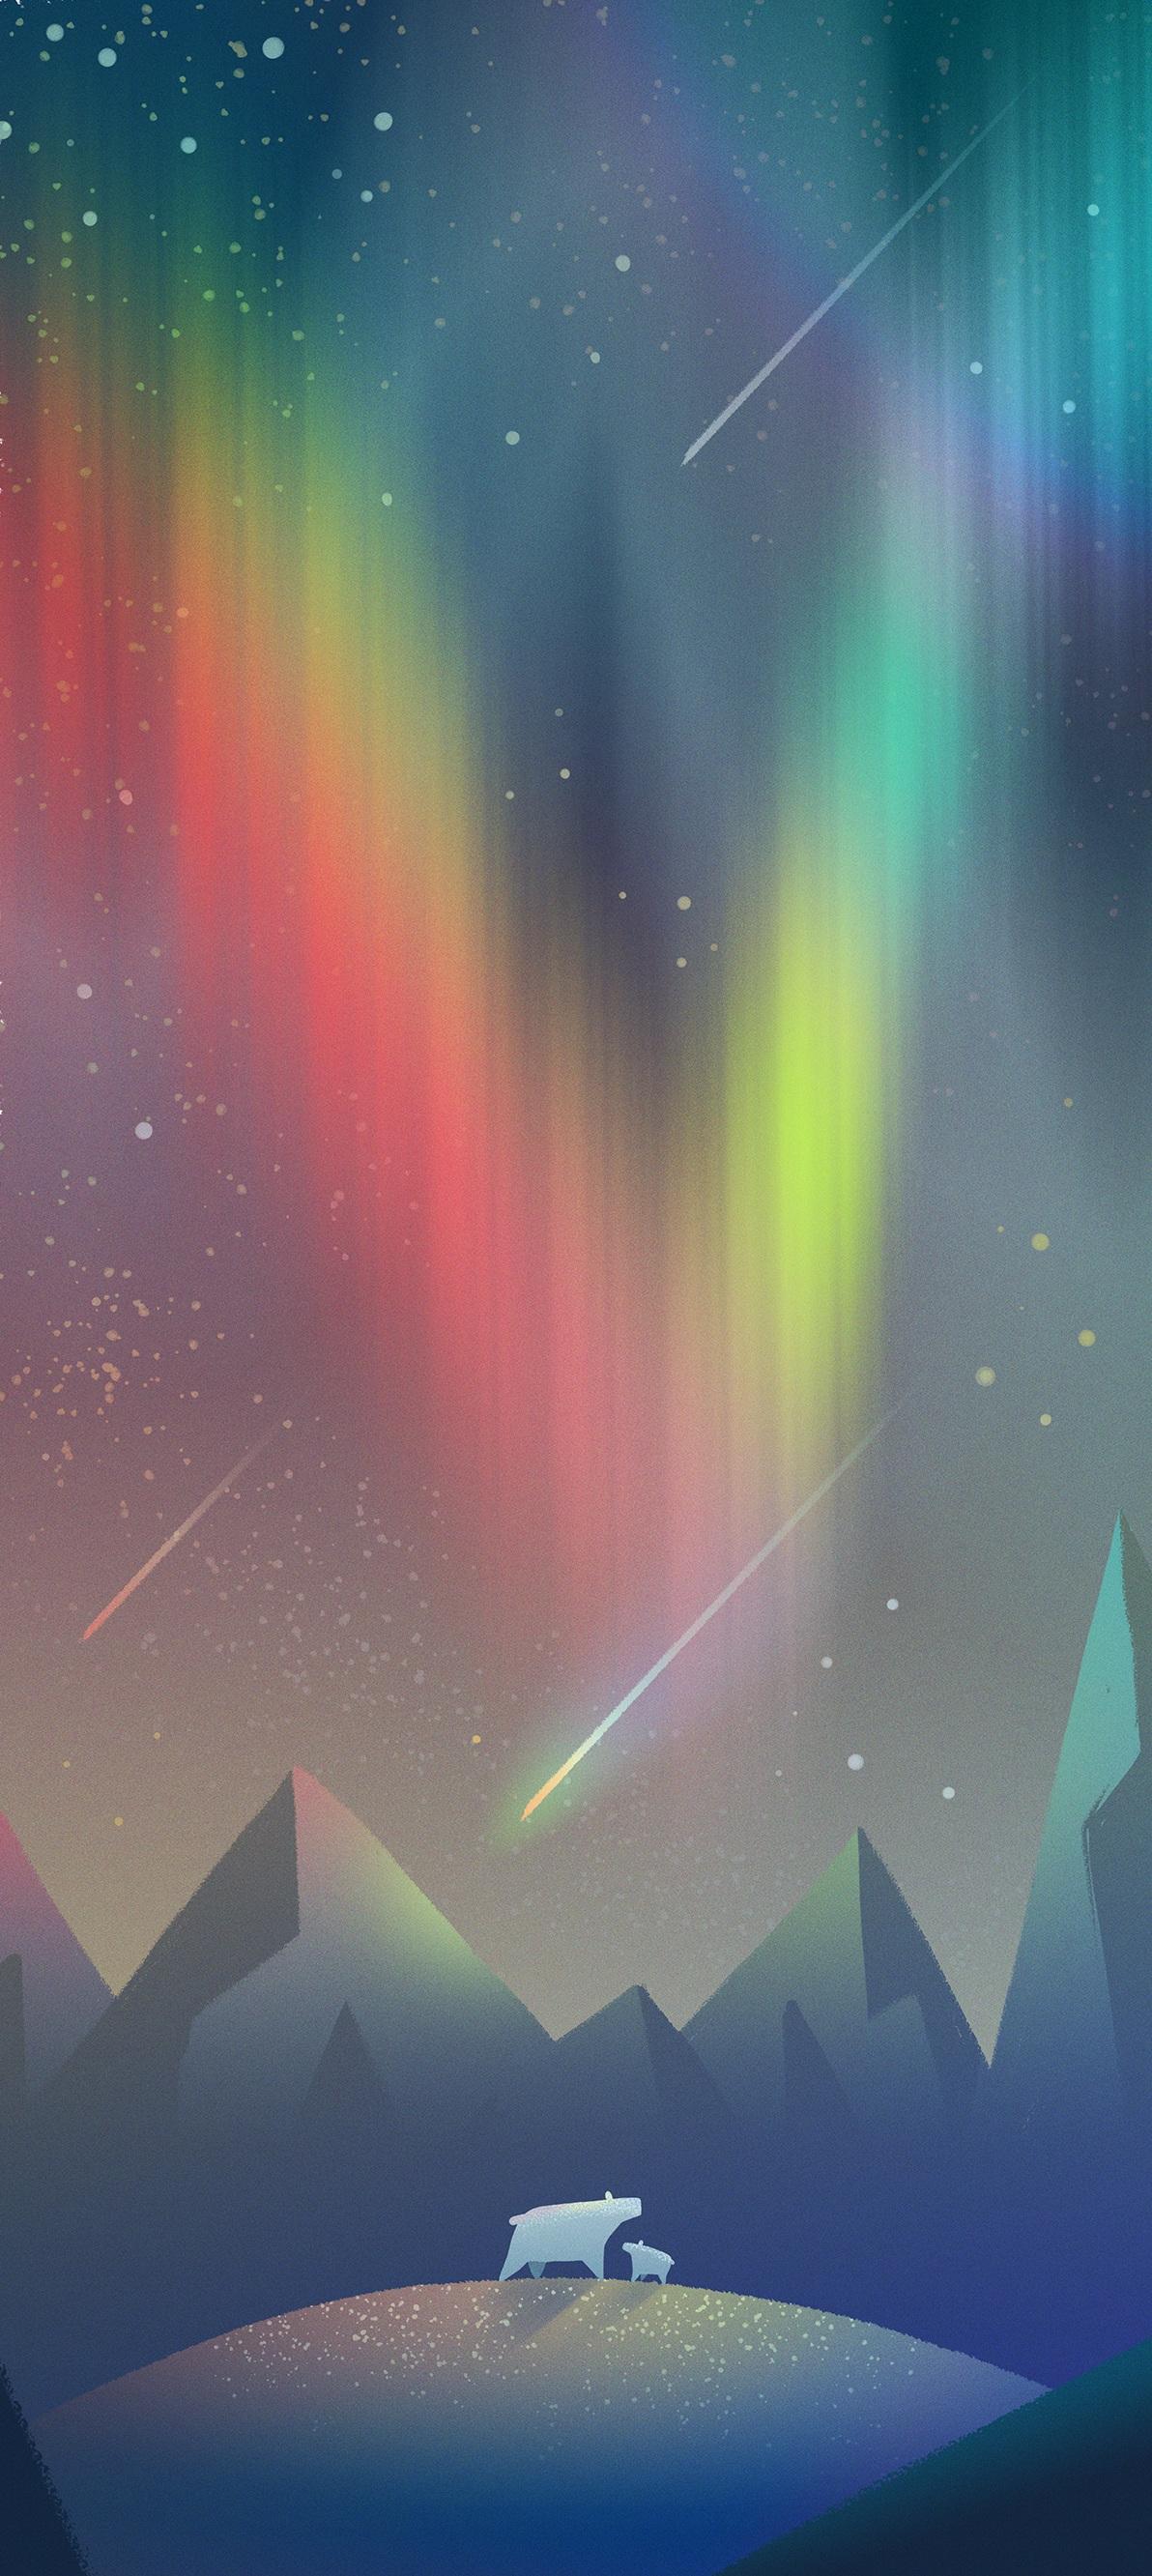 auroras_whiteoutline.jpg